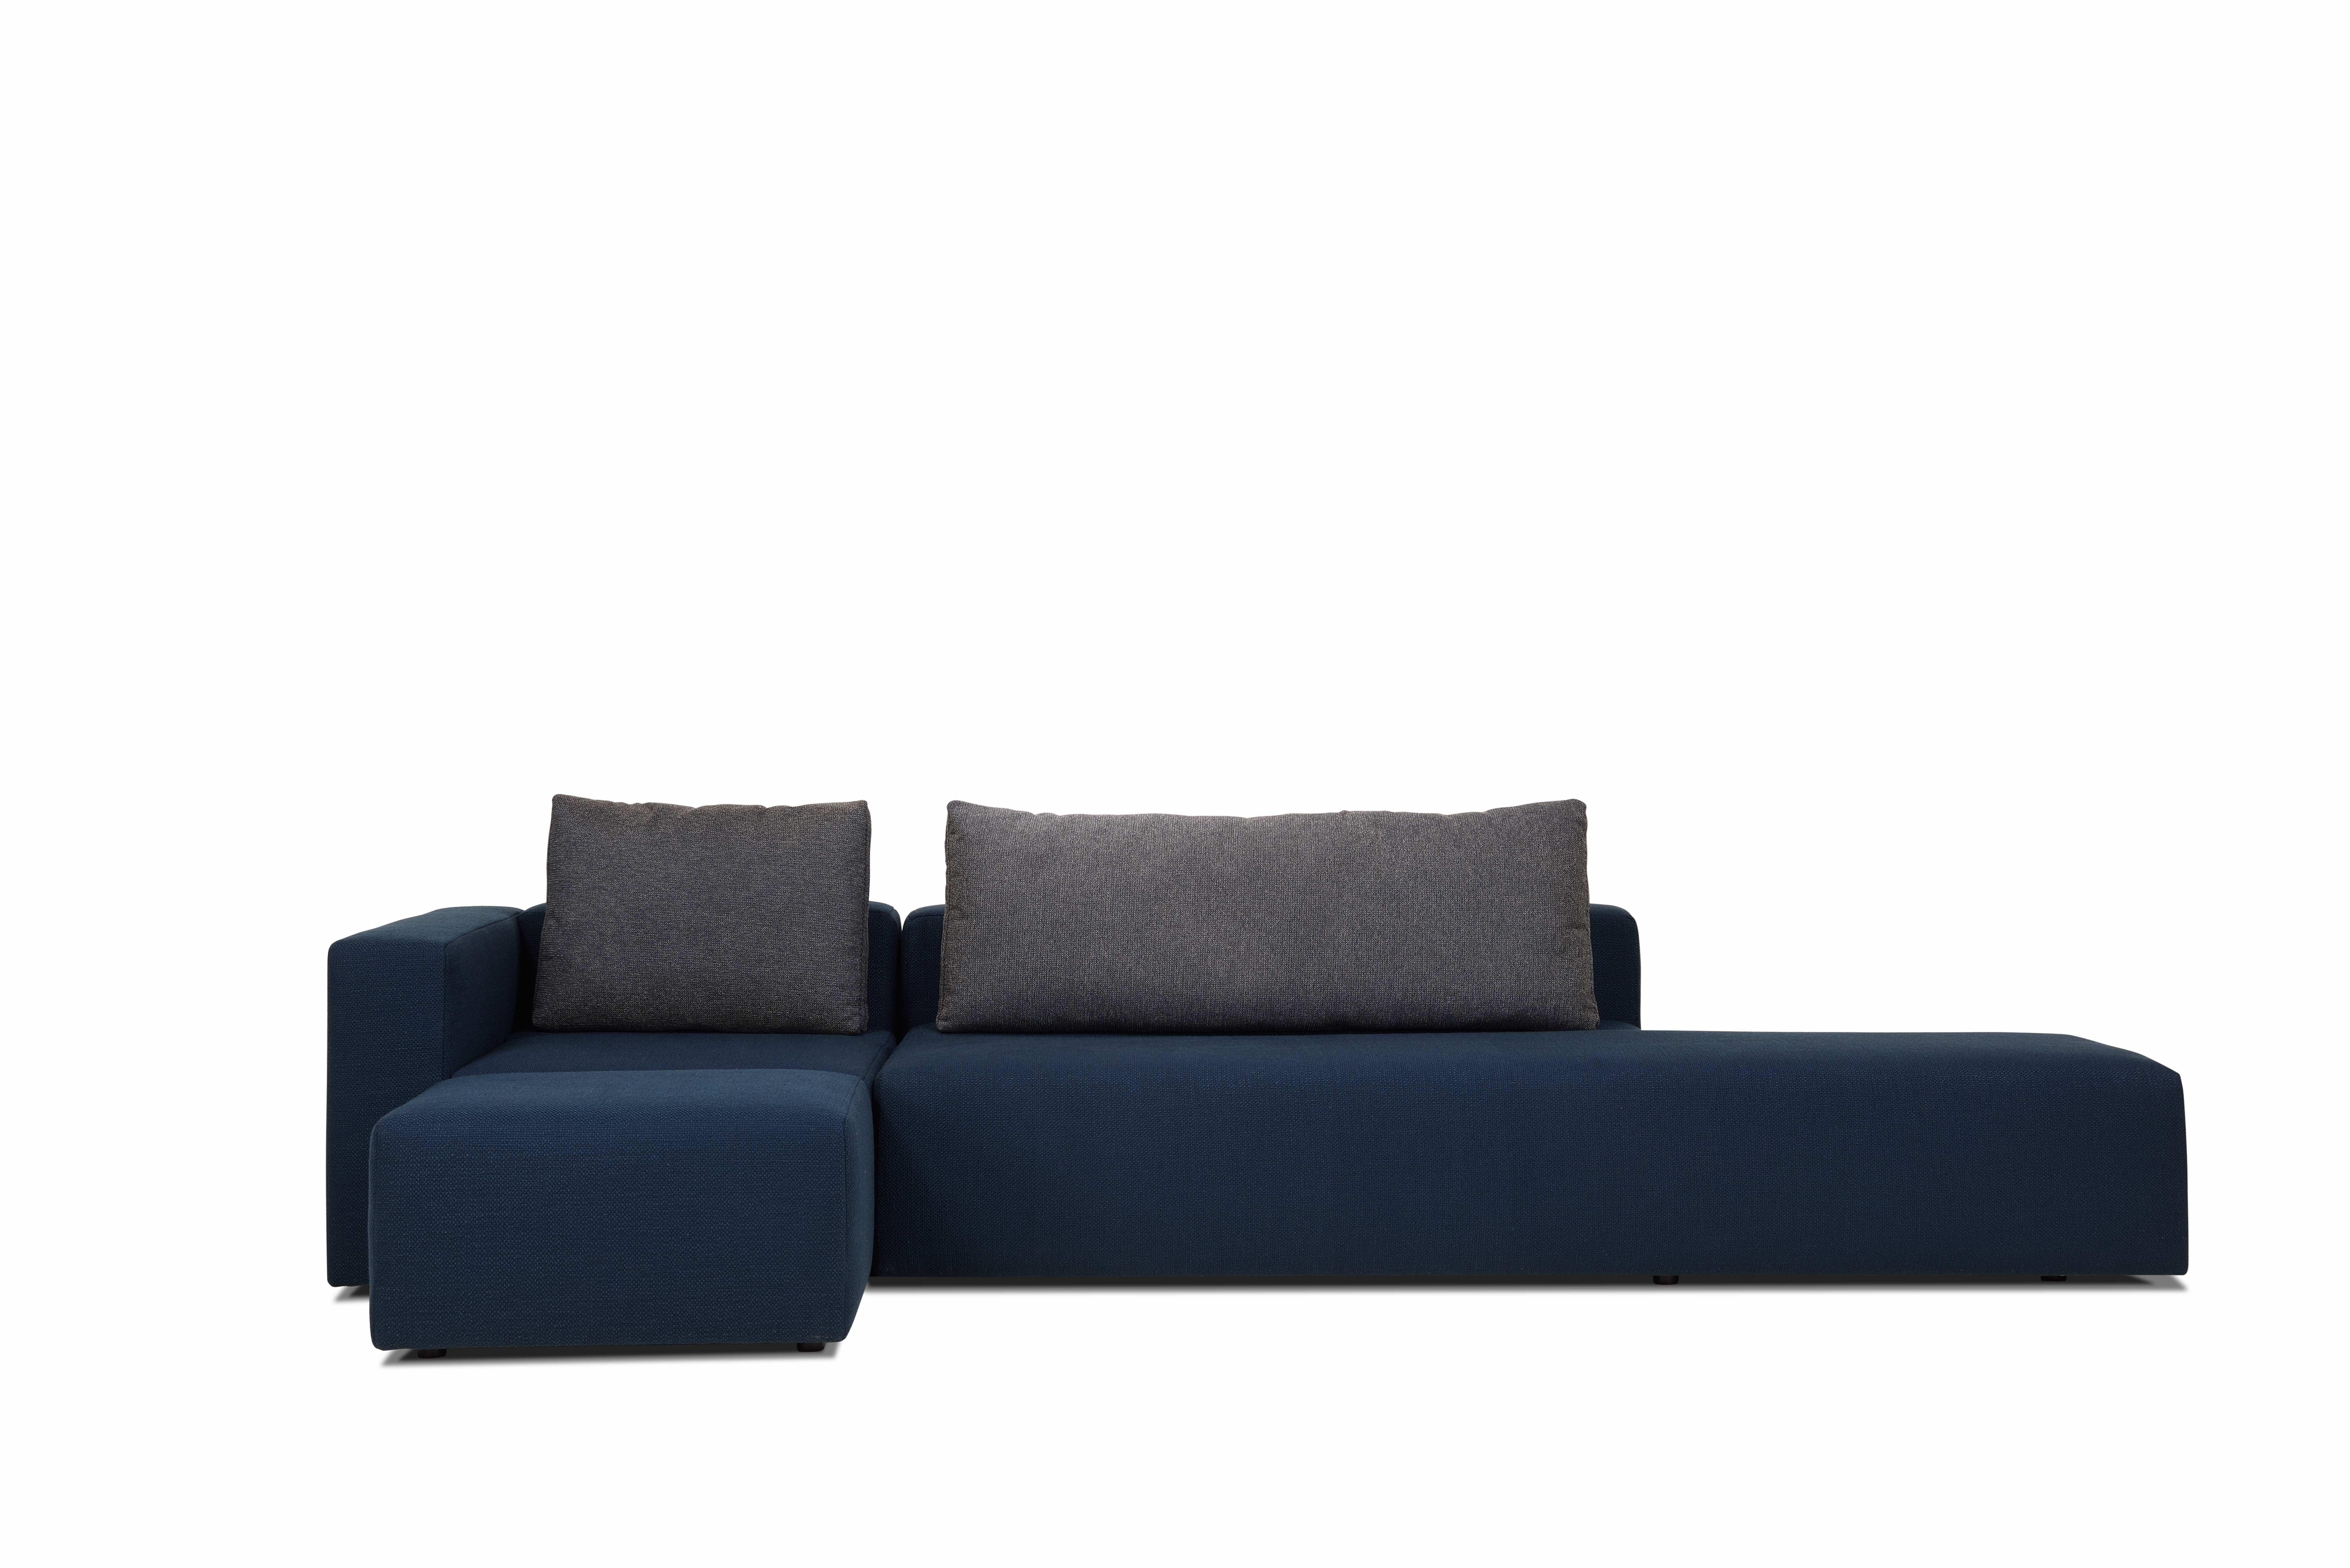 Canapé classique et contemporain - Méridienne CAMU 174 cm - Kayumanis